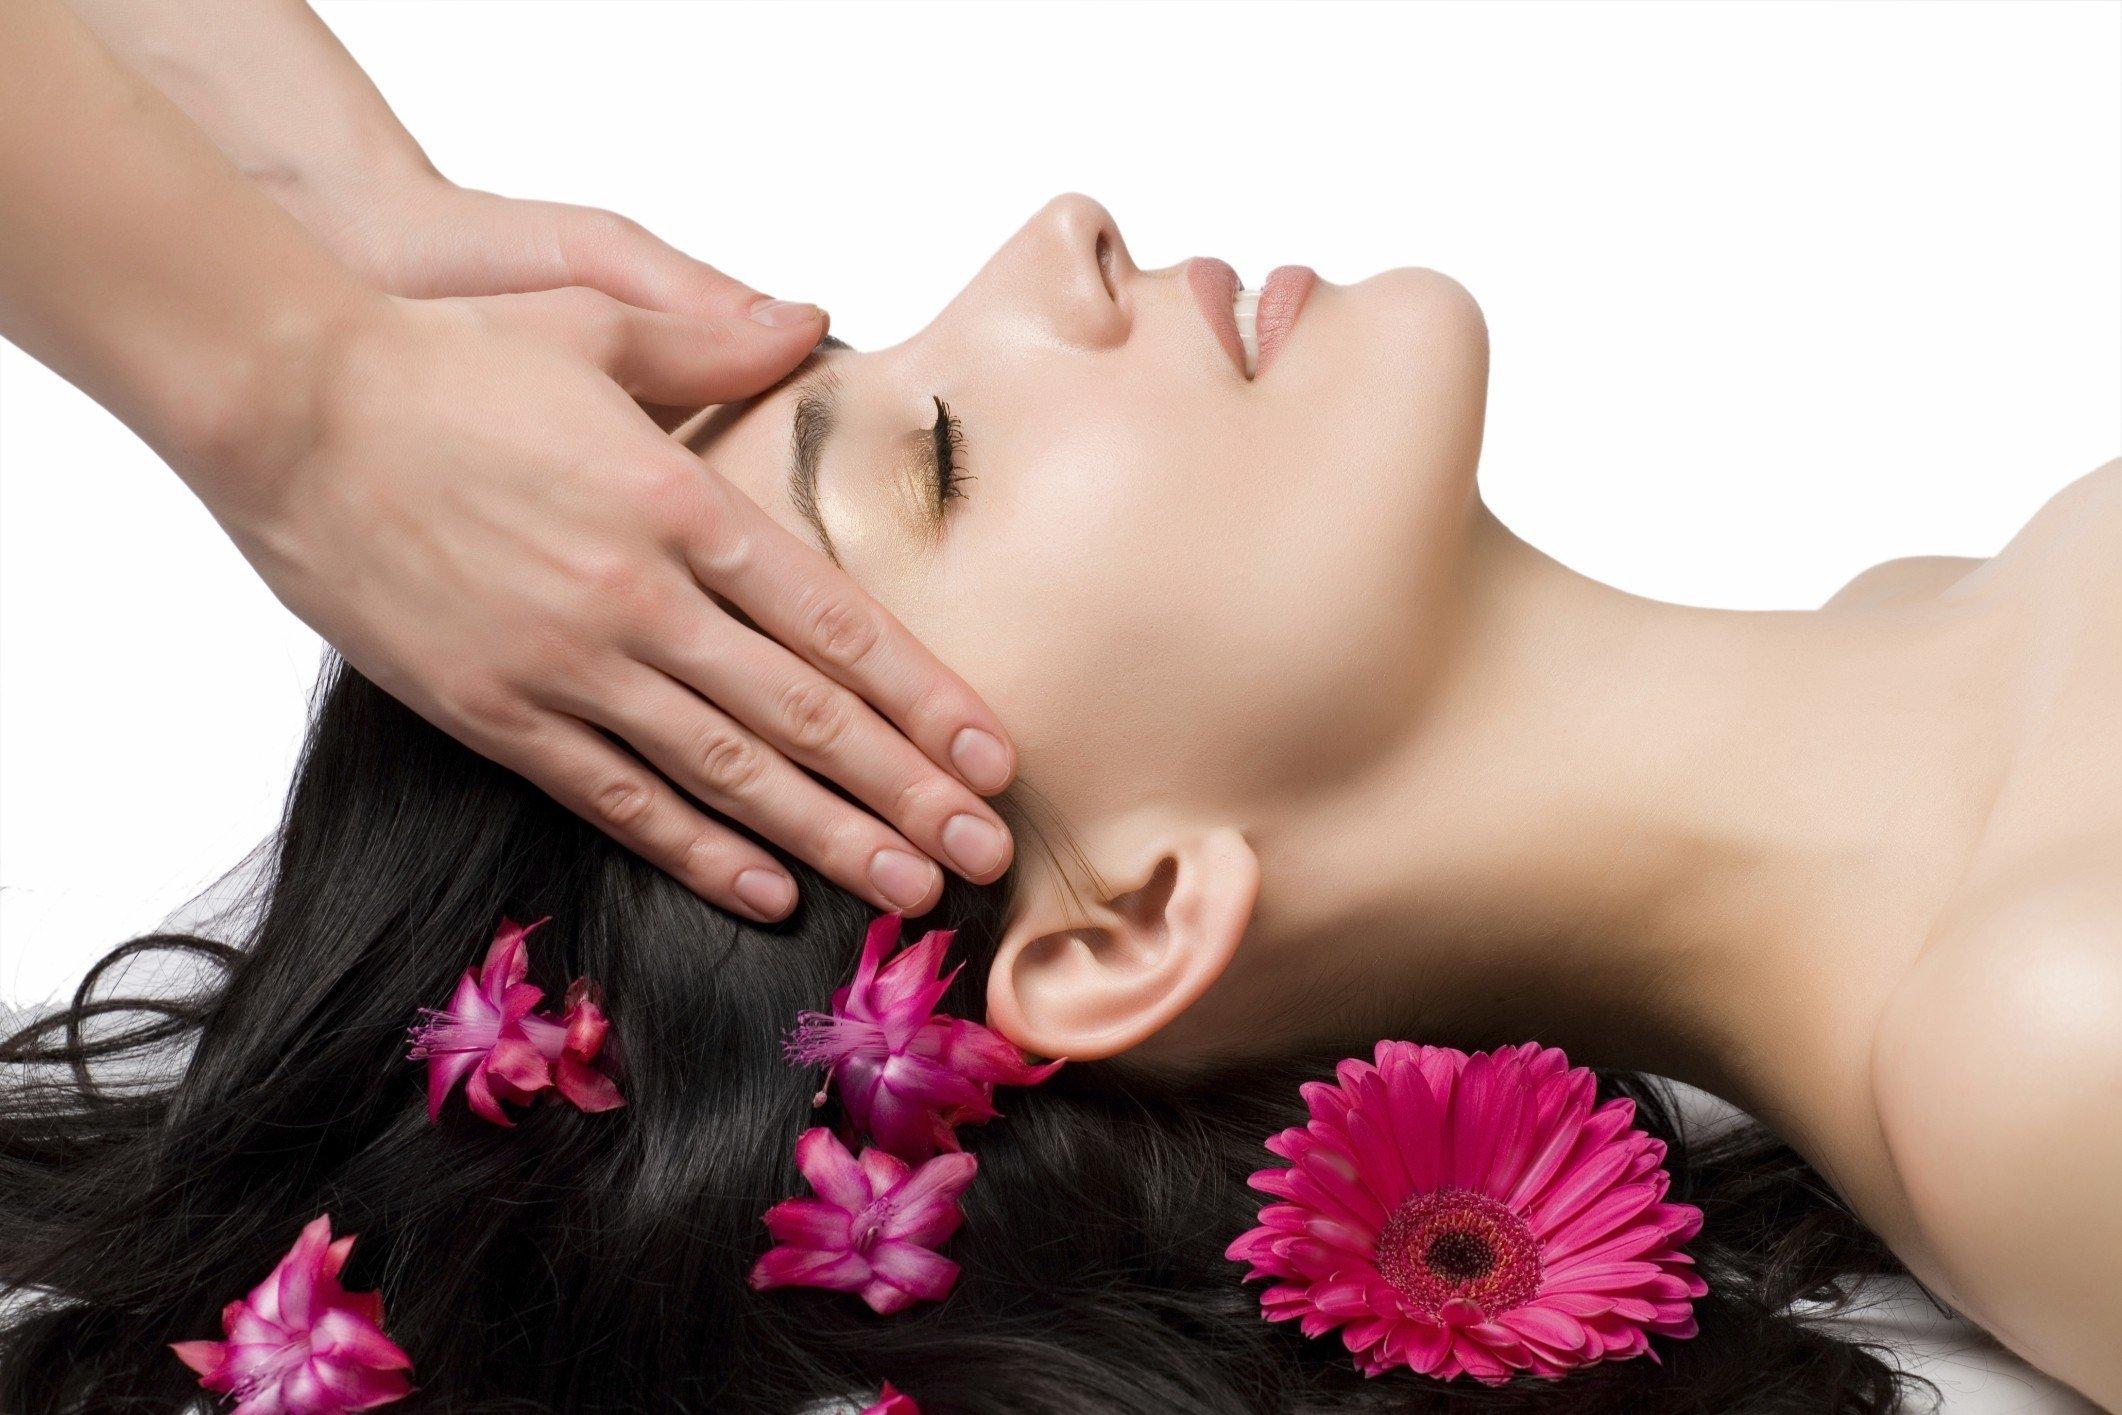 brunettes women flowers massage flower in hair 2122x1415 wallpaper_www.paperhi.com_77